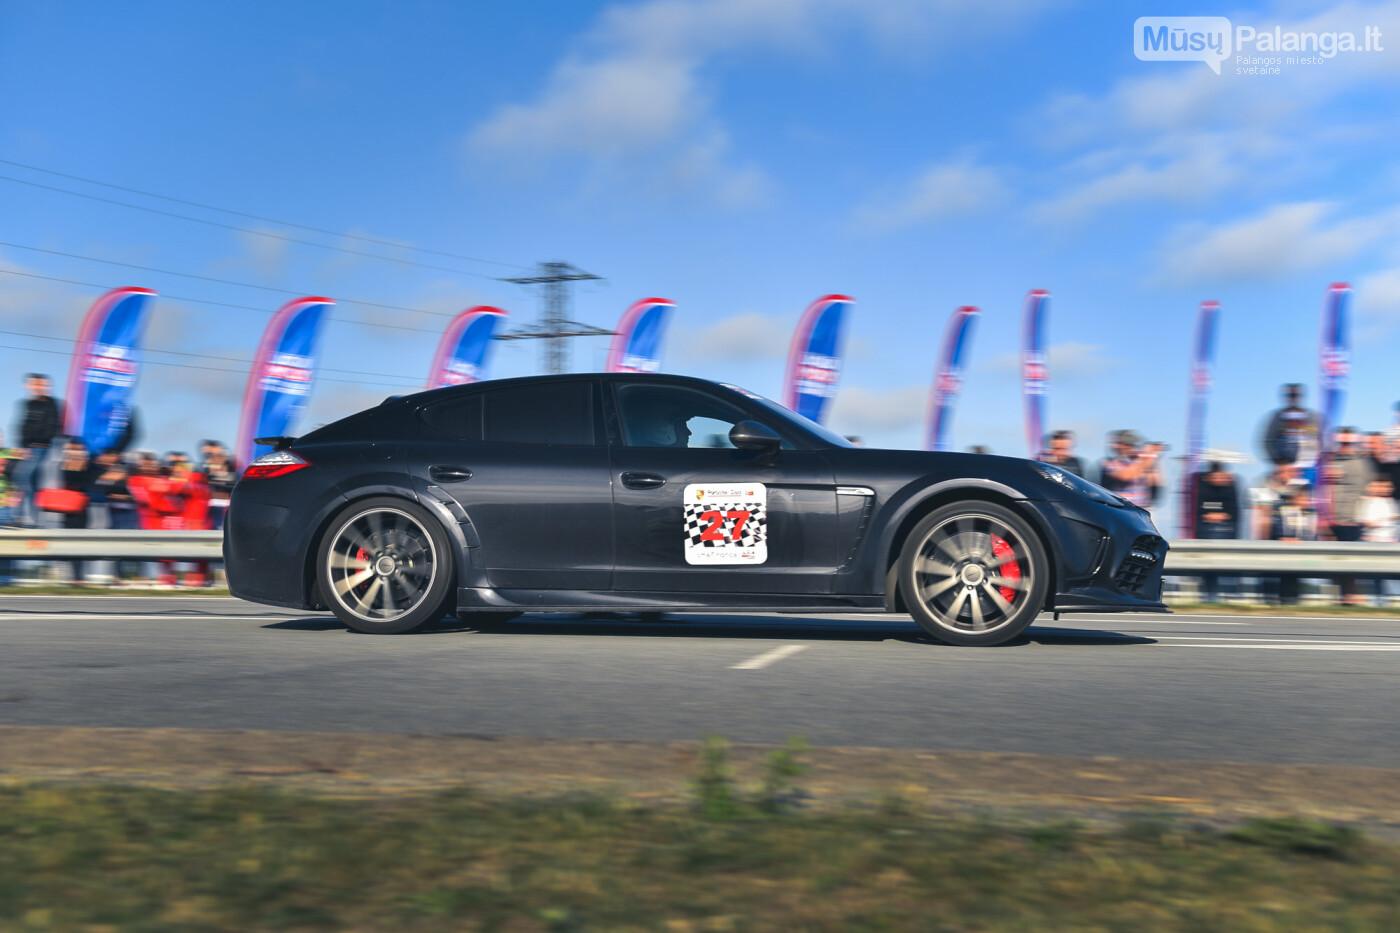 """Traukos lenktynėse Palangoje greičiausi – """"Nissan GT-R"""" automobiliai, nuotrauka-21"""